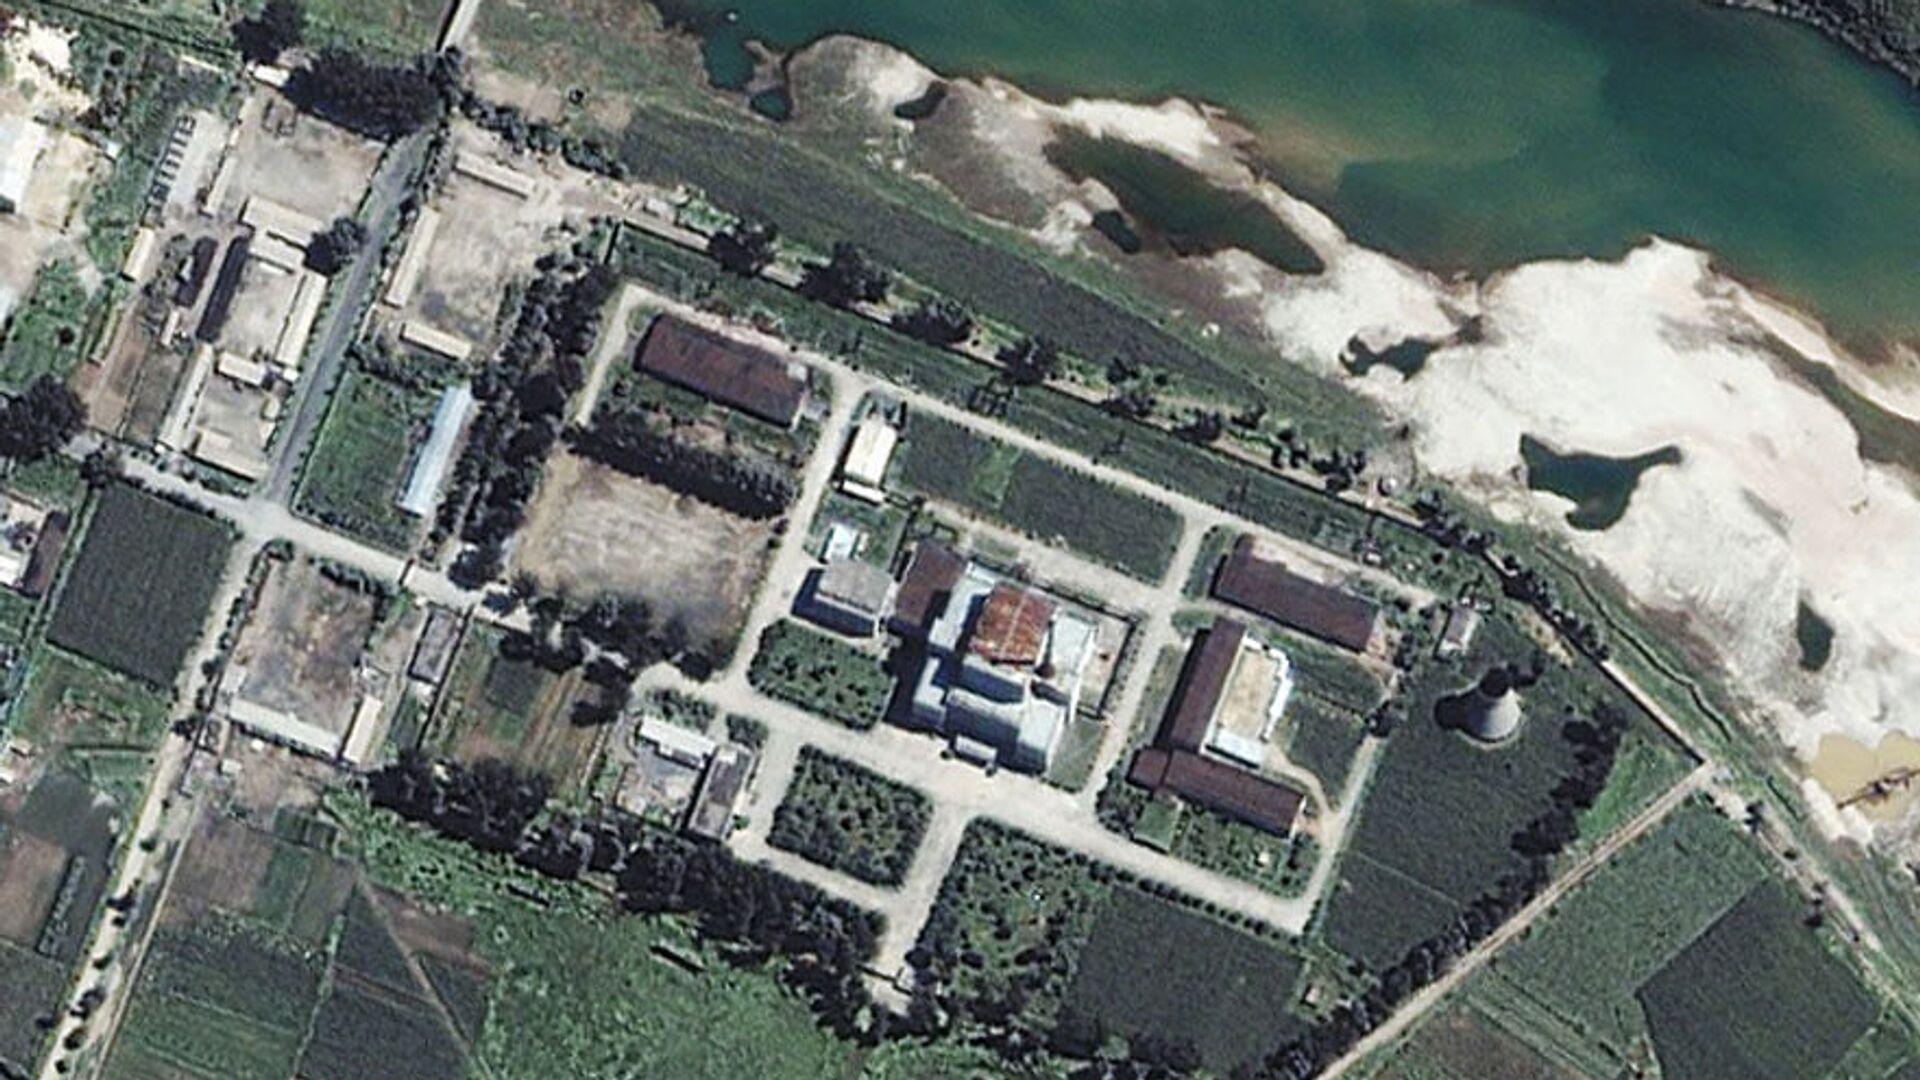 Ядерный научно-исследовательский центр в Йонбёне, КНДР - РИА Новости, 1920, 14.09.2020